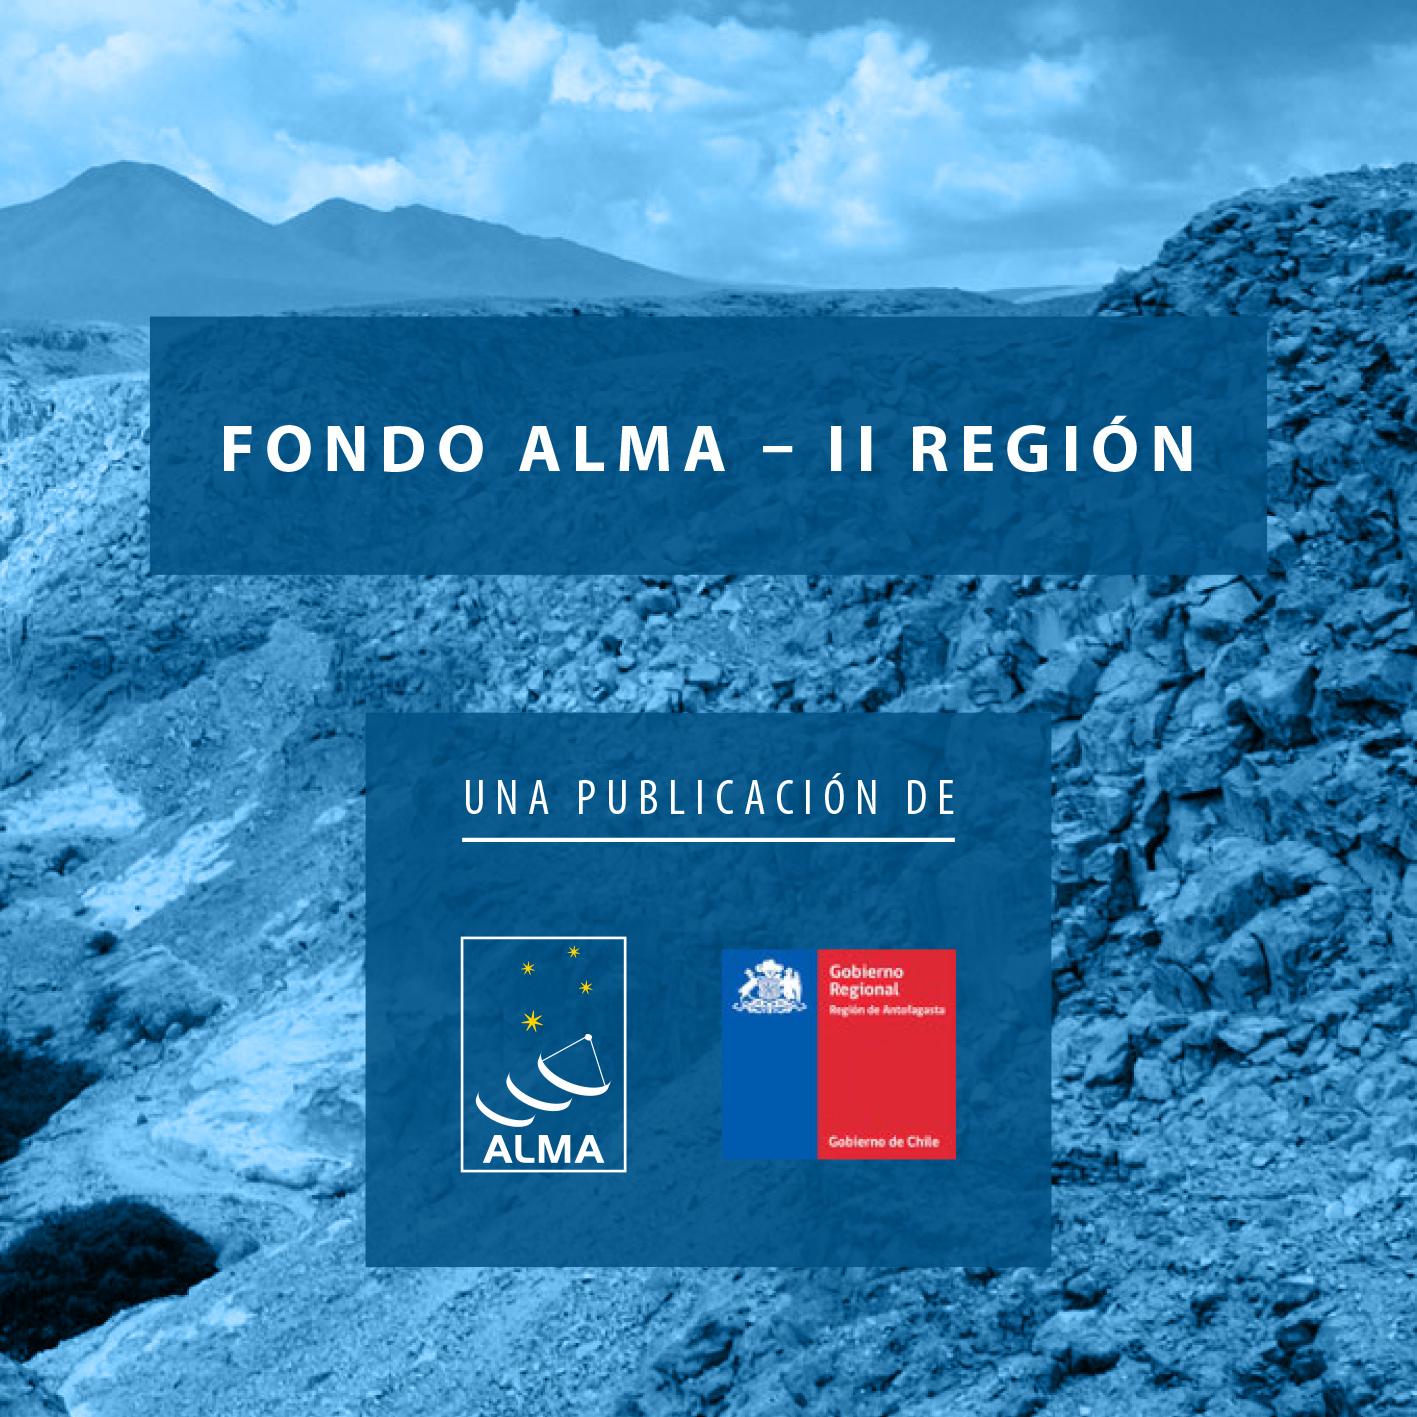 Brochure informativo para que las distintas comunidades, asociaciones y organizaciones del Area de Desarrollo Indígena de Atacama la Grande, encuentren información sobre los distintos tipos de uso del Fondo ALMA, quiénes pueden postular y cómo hacerlo.